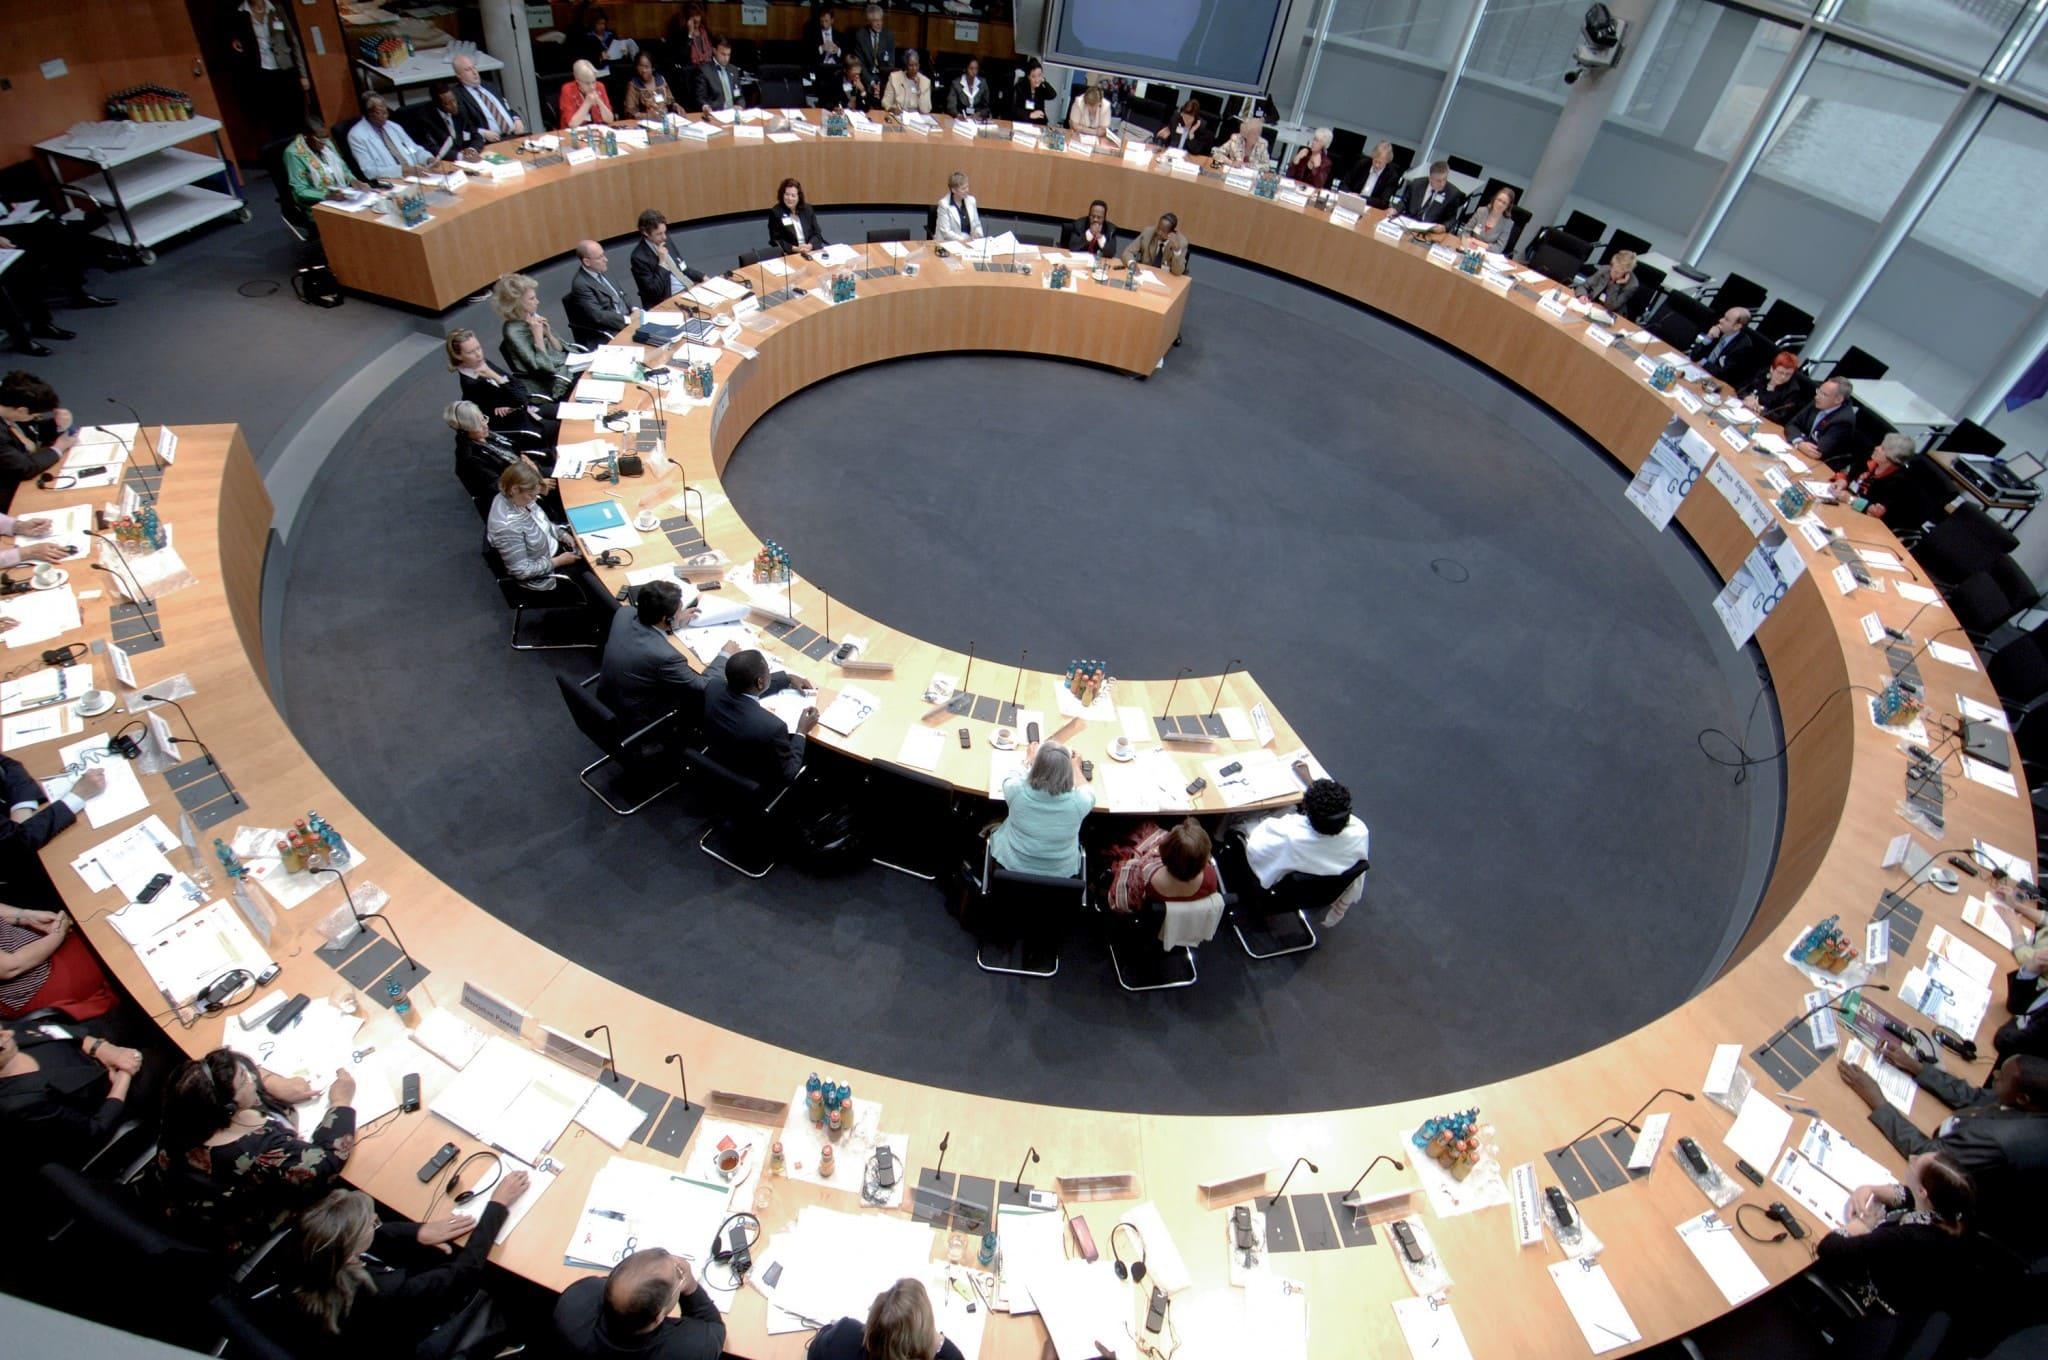 G8-Parlamentarierkonferenz bringt wichtige Themen auf internationale Agenda